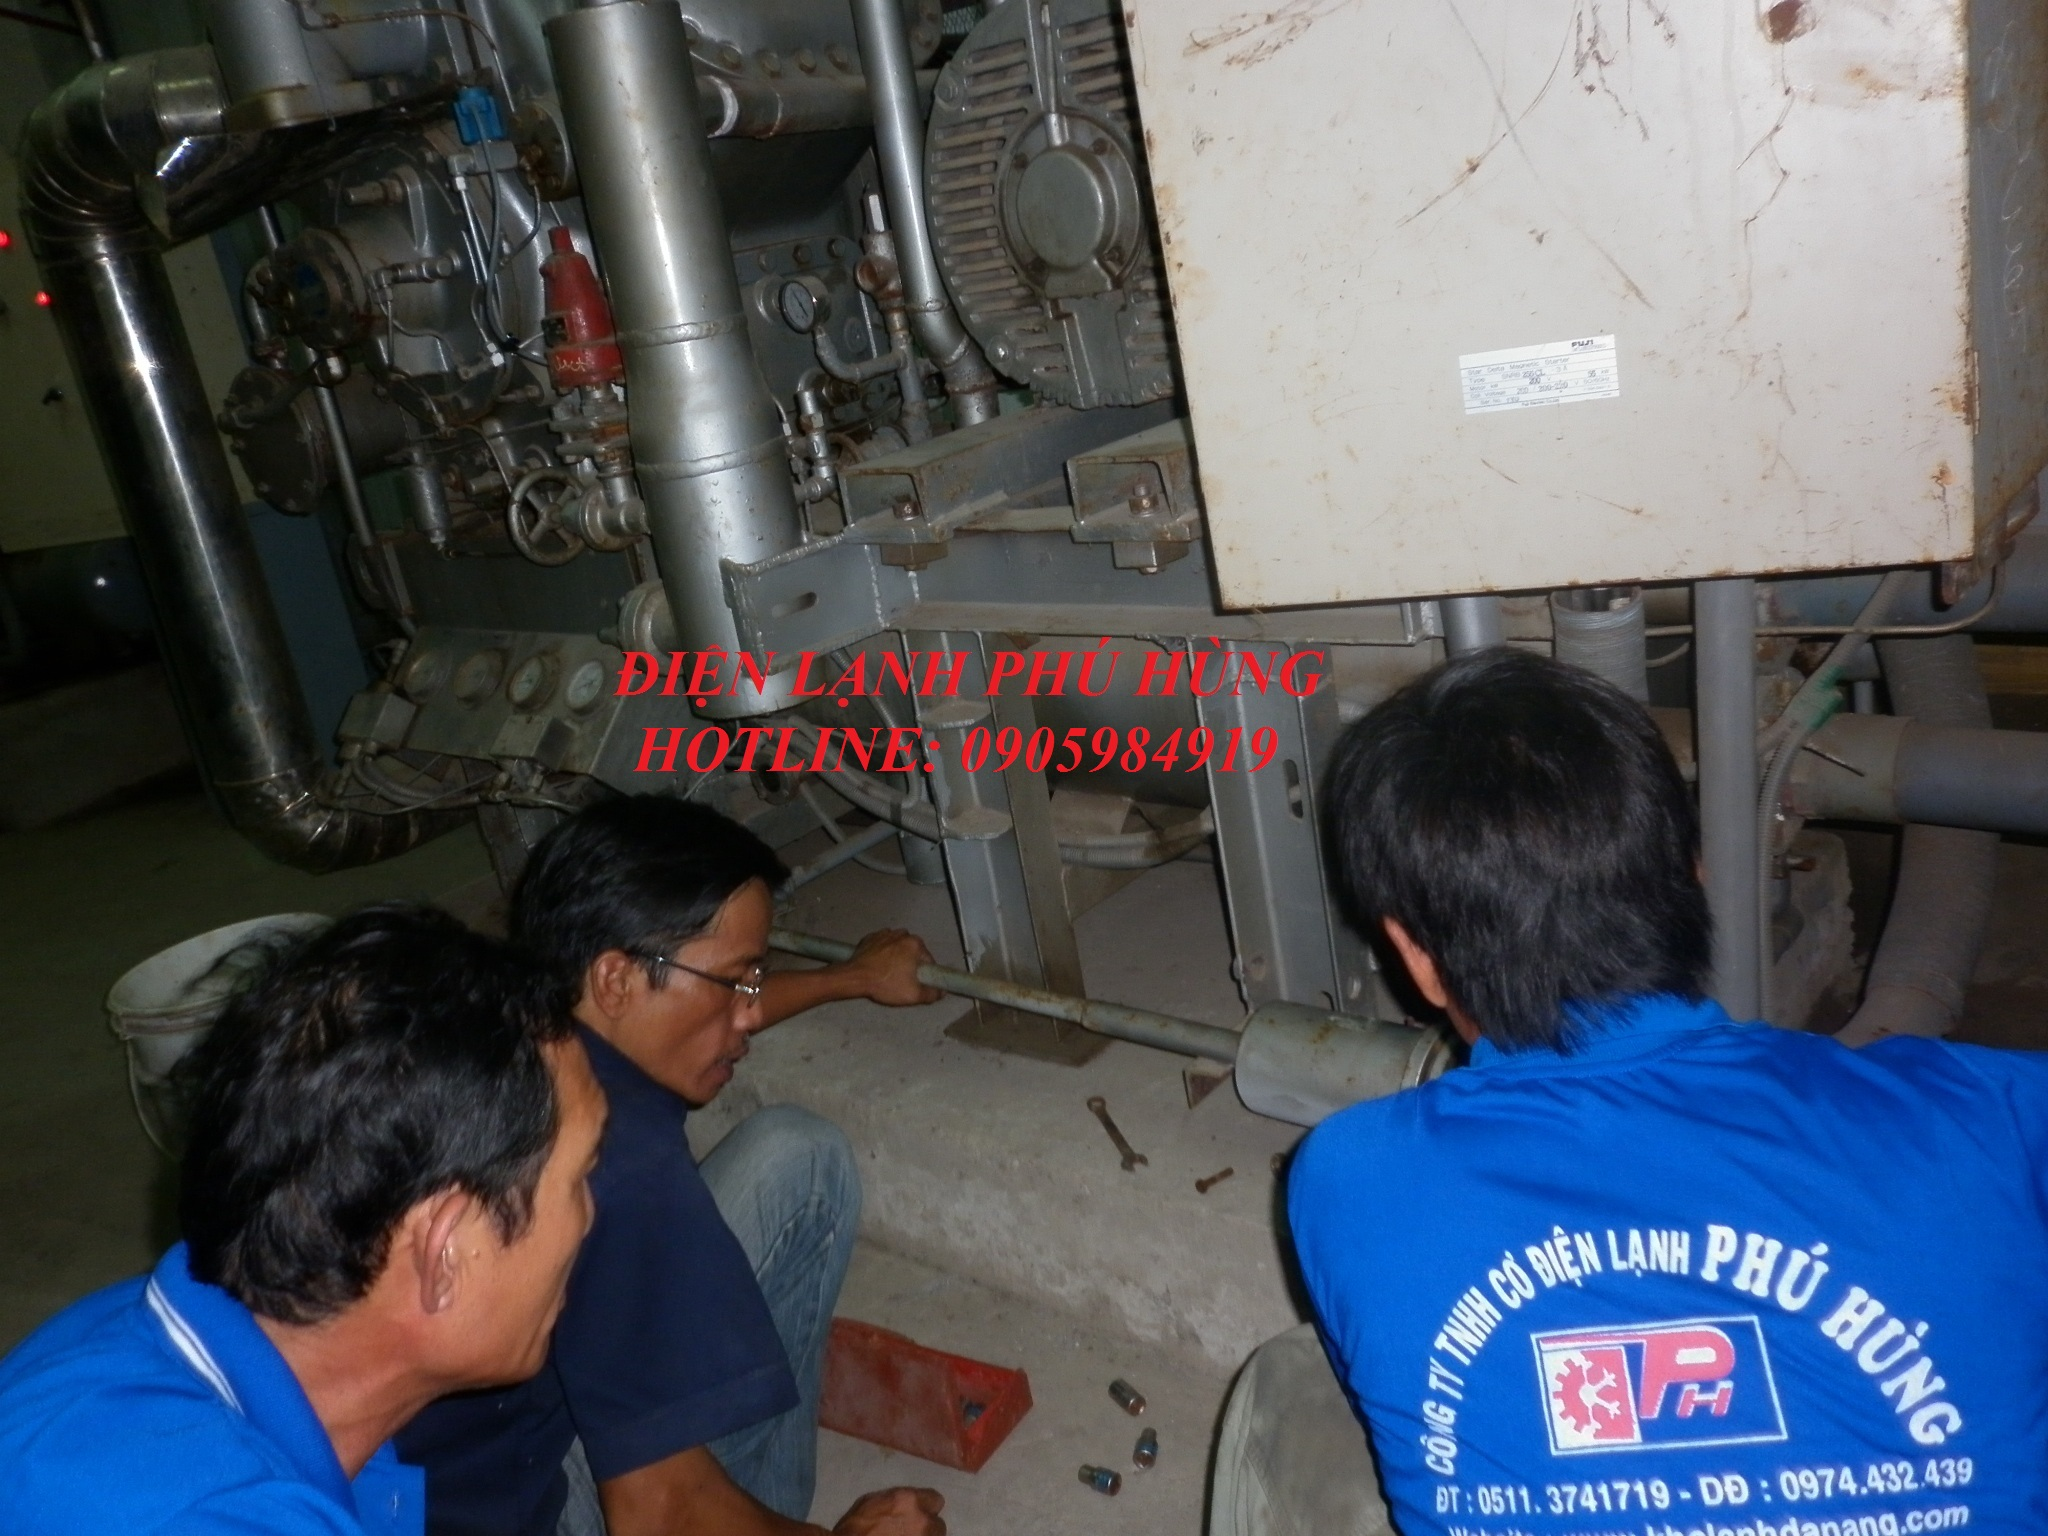 dl ptp4 - Cung cấp hệ thống lạnh cho nhà máy thủy sản Phước Tâm Phát